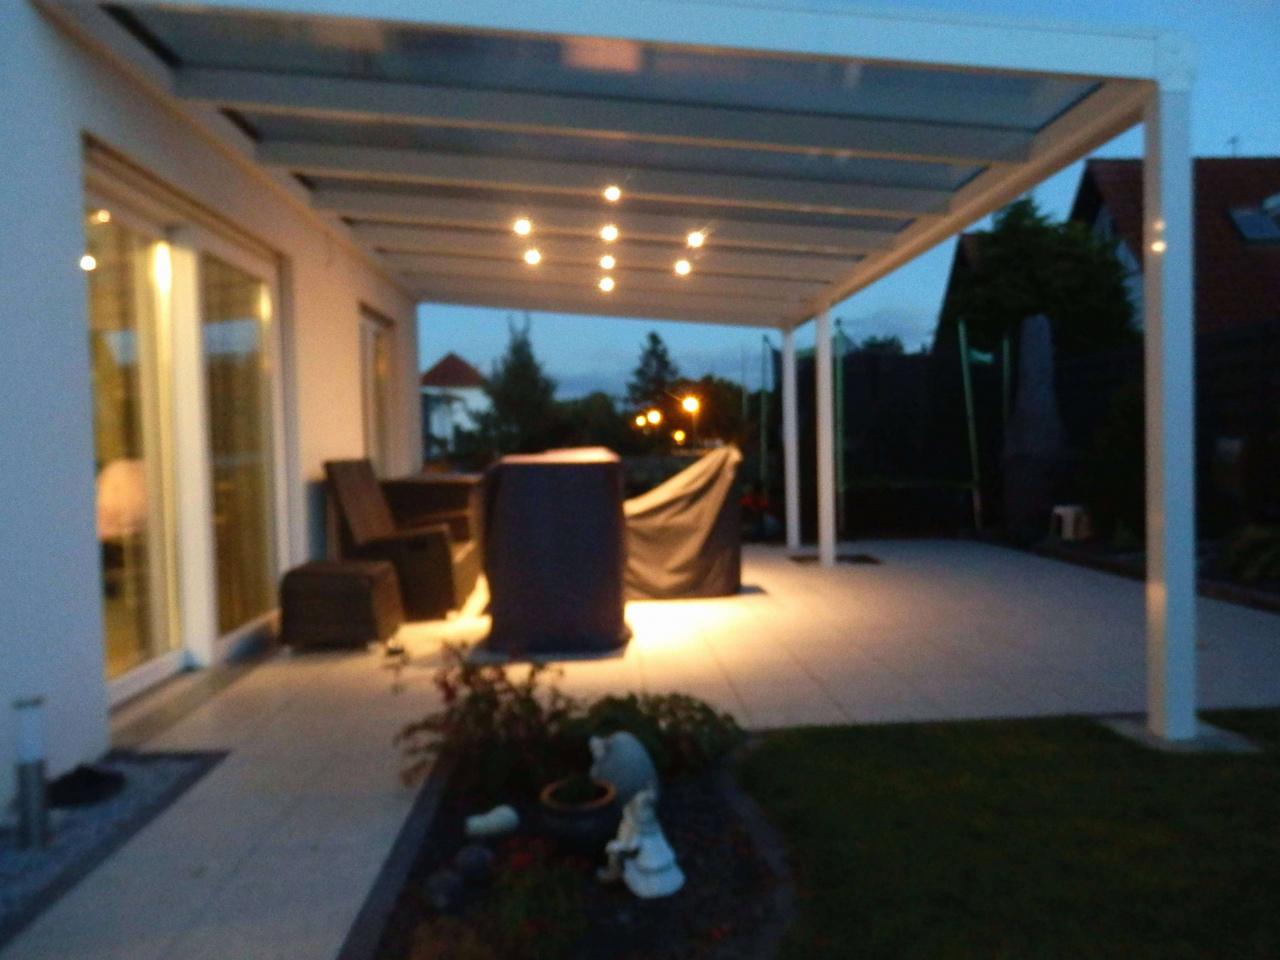 porch shades terrasse wpc luxus glasdacher terrasse elegant bmw x3 e83 04 06 2 0d durch porch shades